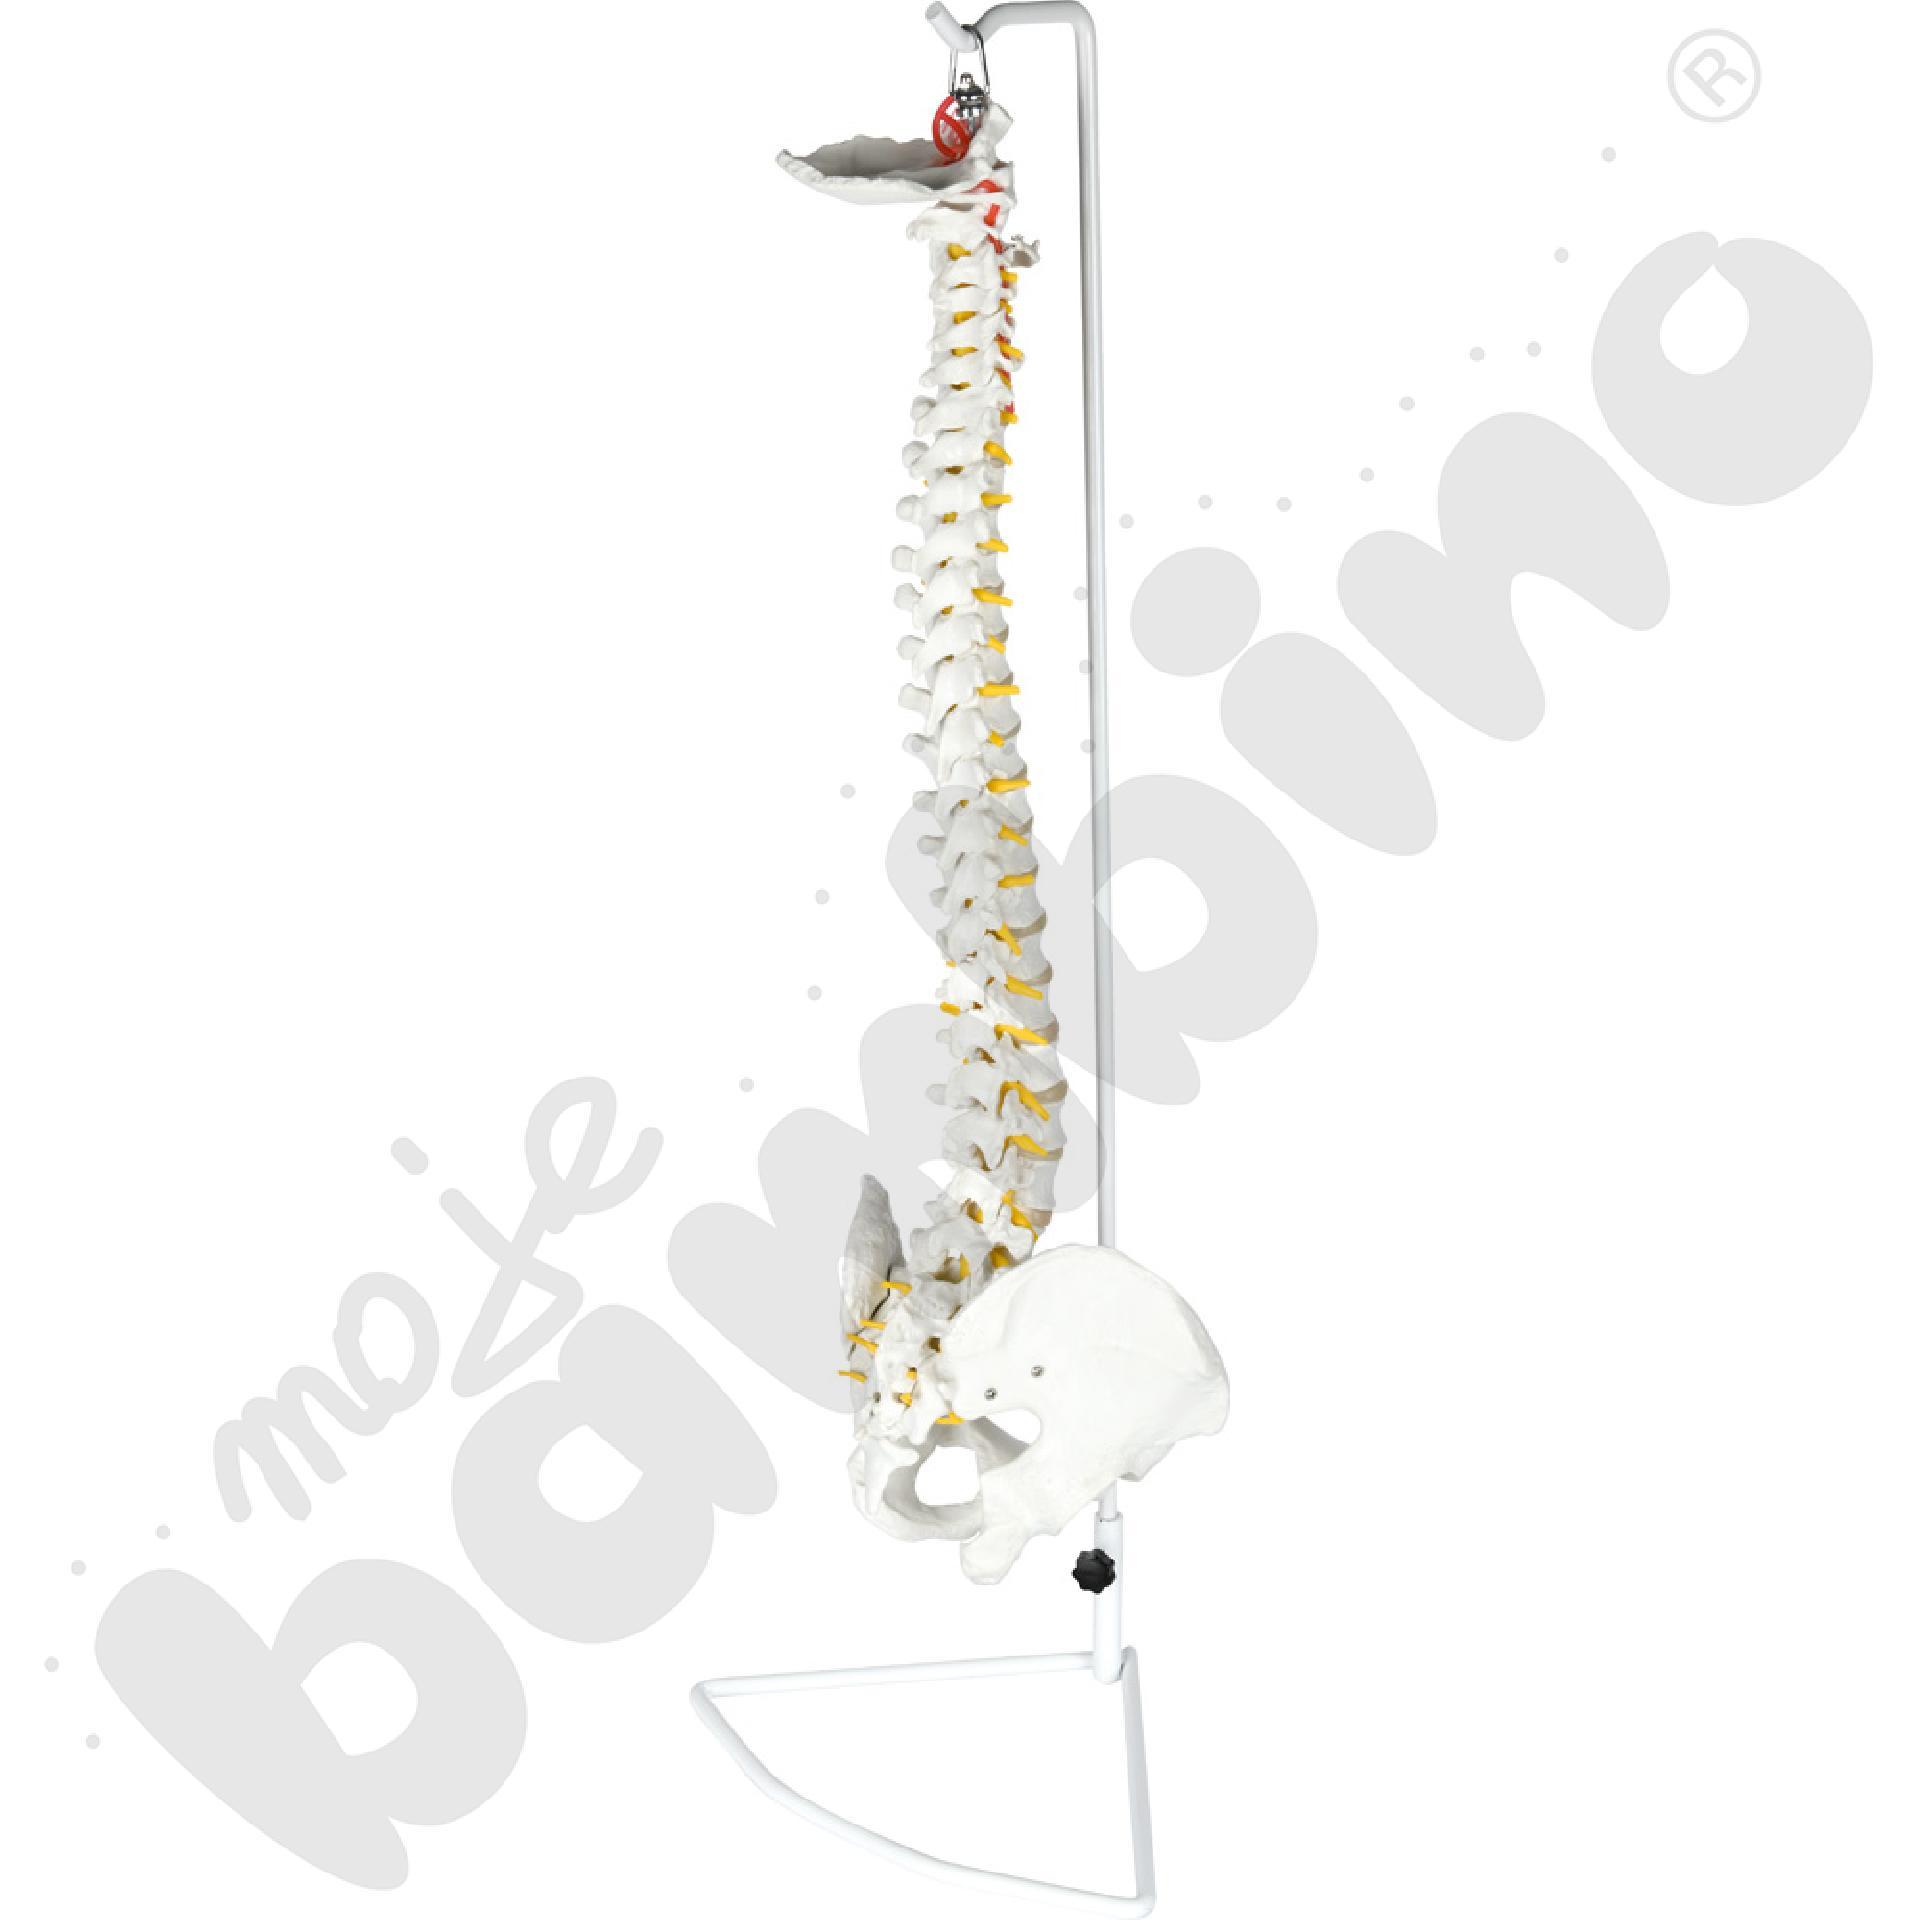 Model miednicy z kręgosłupem